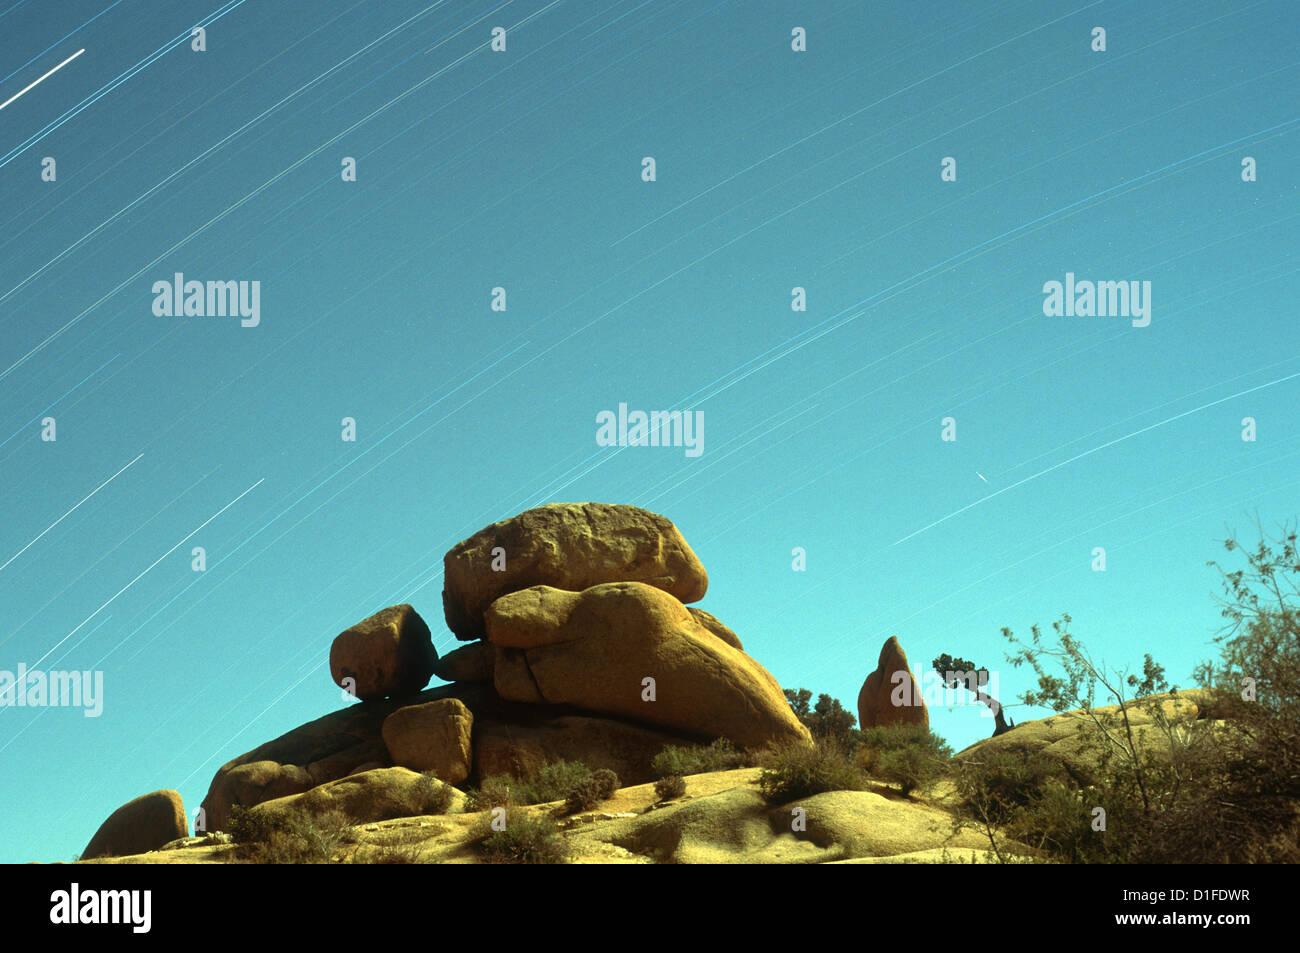 Zeitaufwand von Sternen mit Felsformationen in den Vordergrund, Joshua Tree Nationalpark, Kalifornien, USA Stockbild